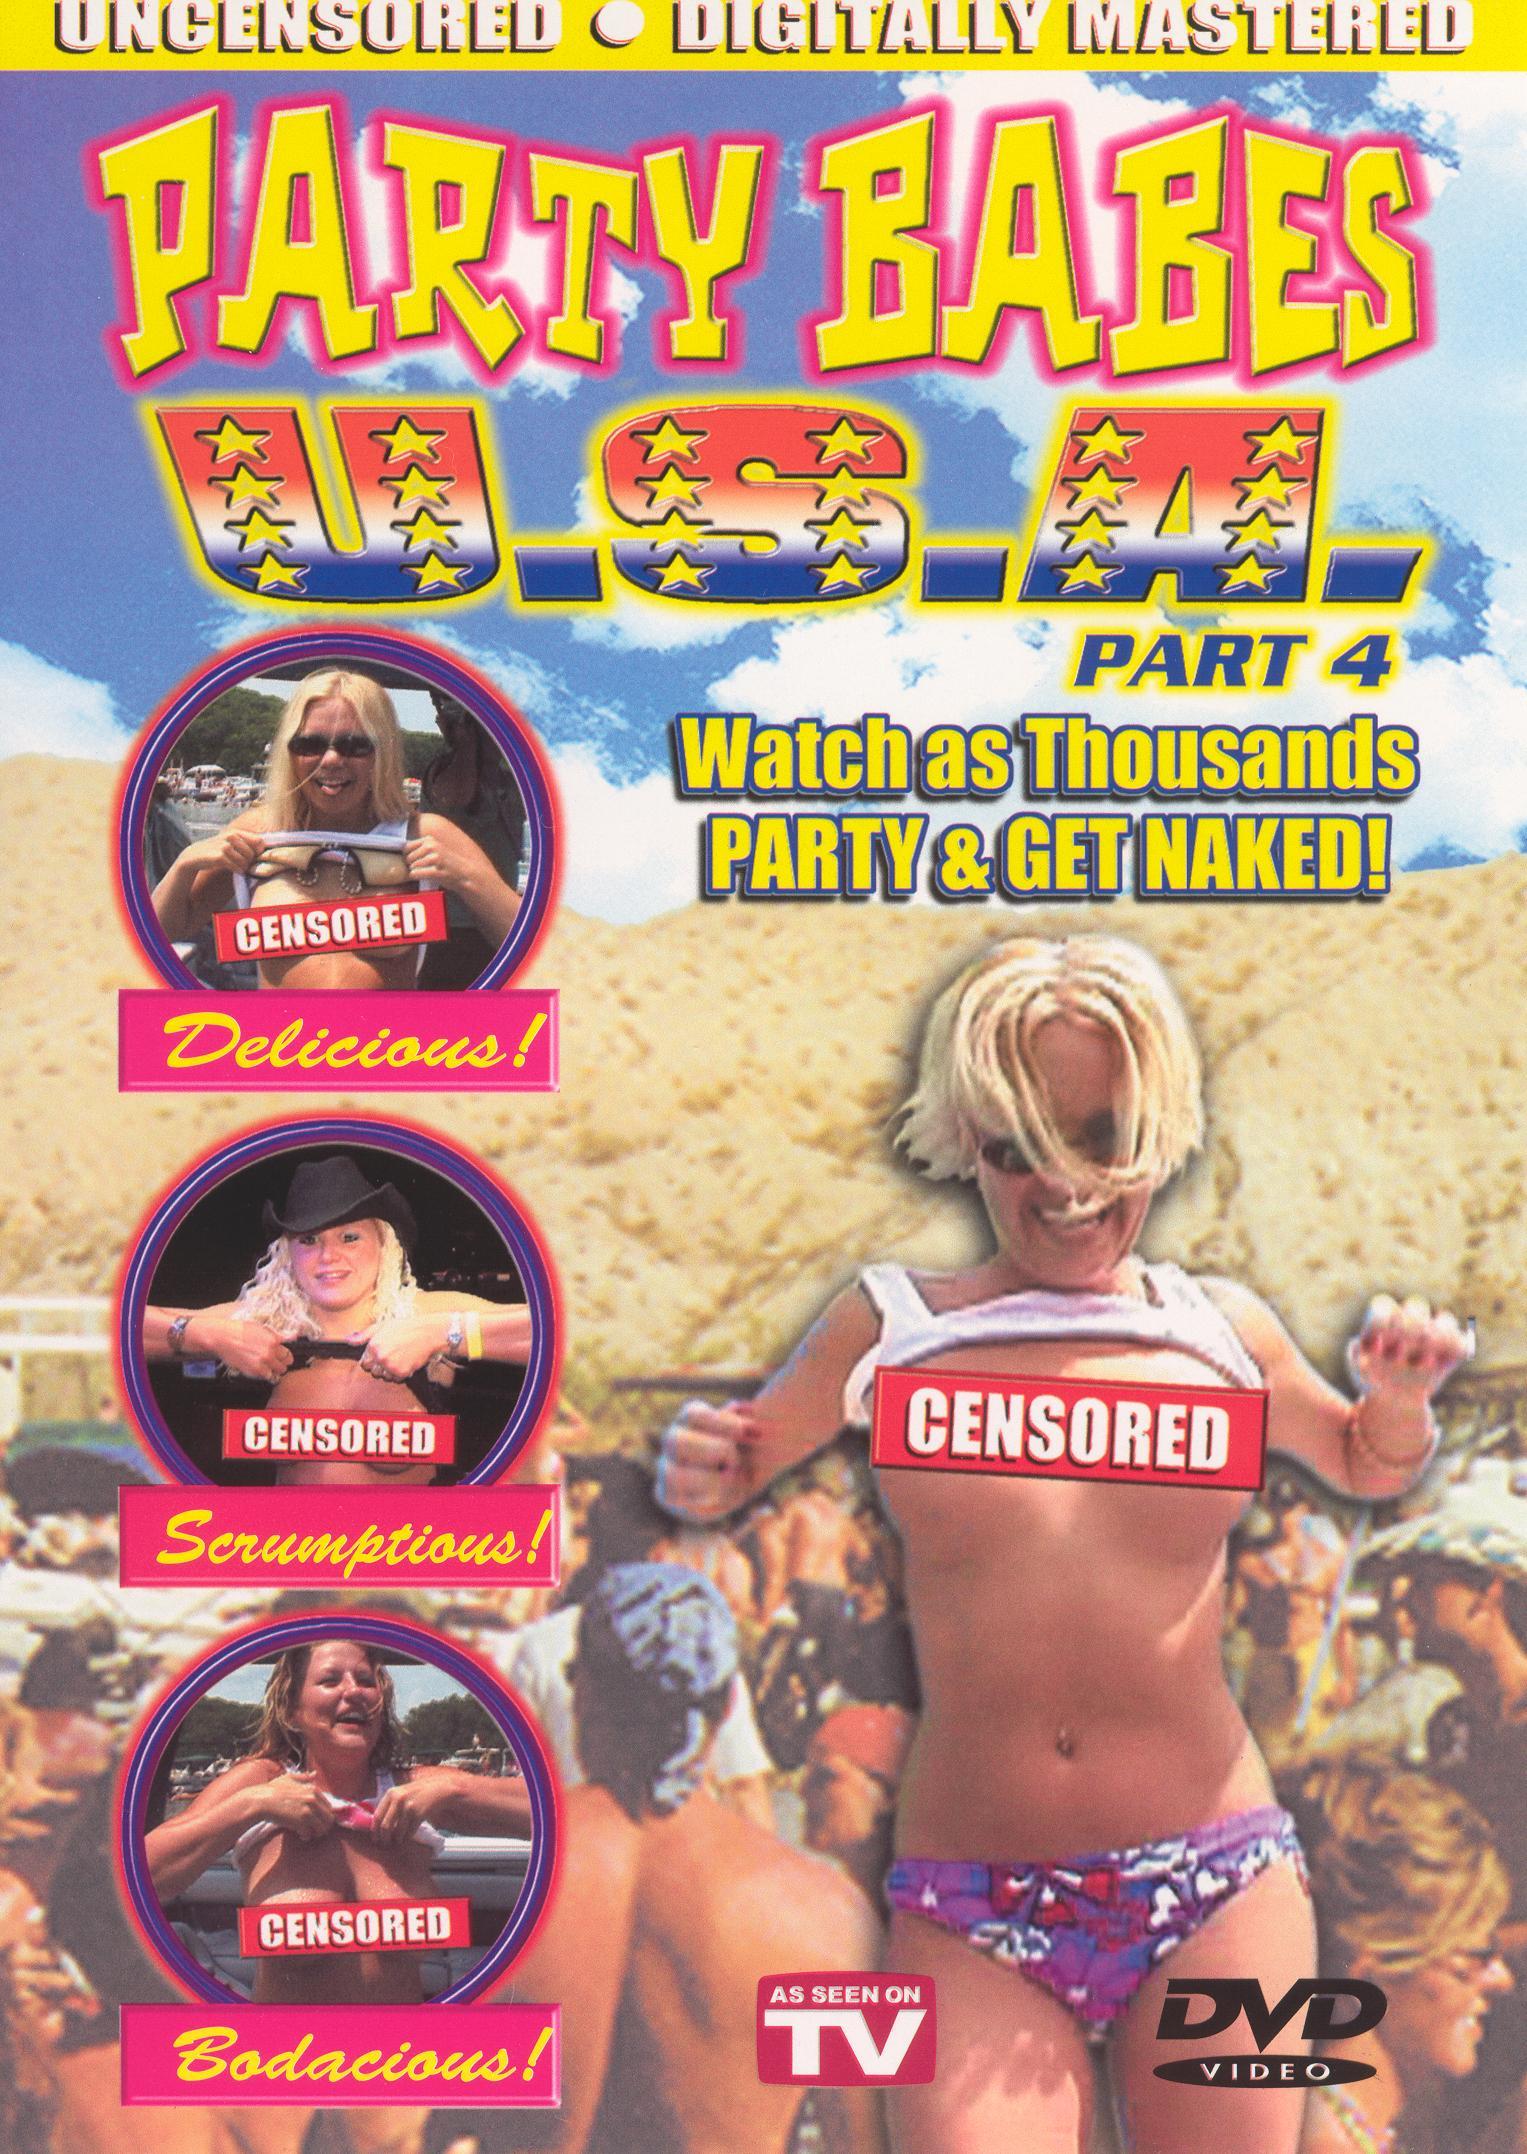 Party Babes U.S.A., Part 4